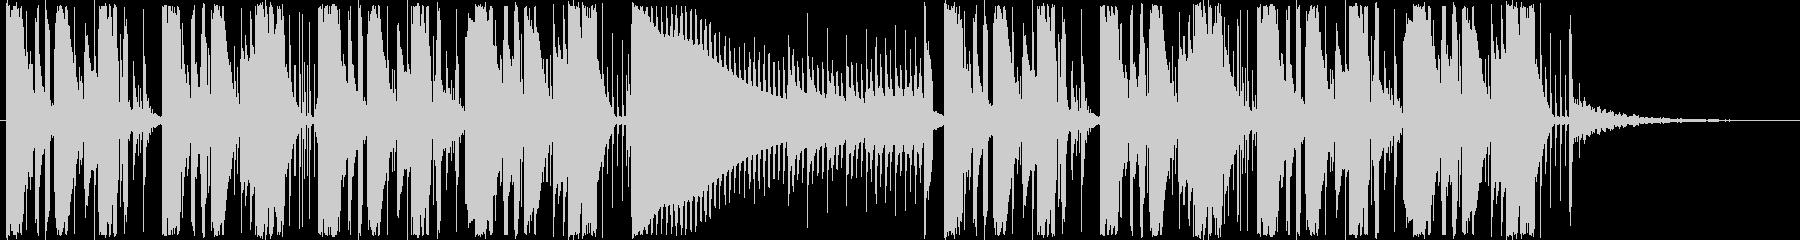 ジングル - トライアングルEDMの未再生の波形